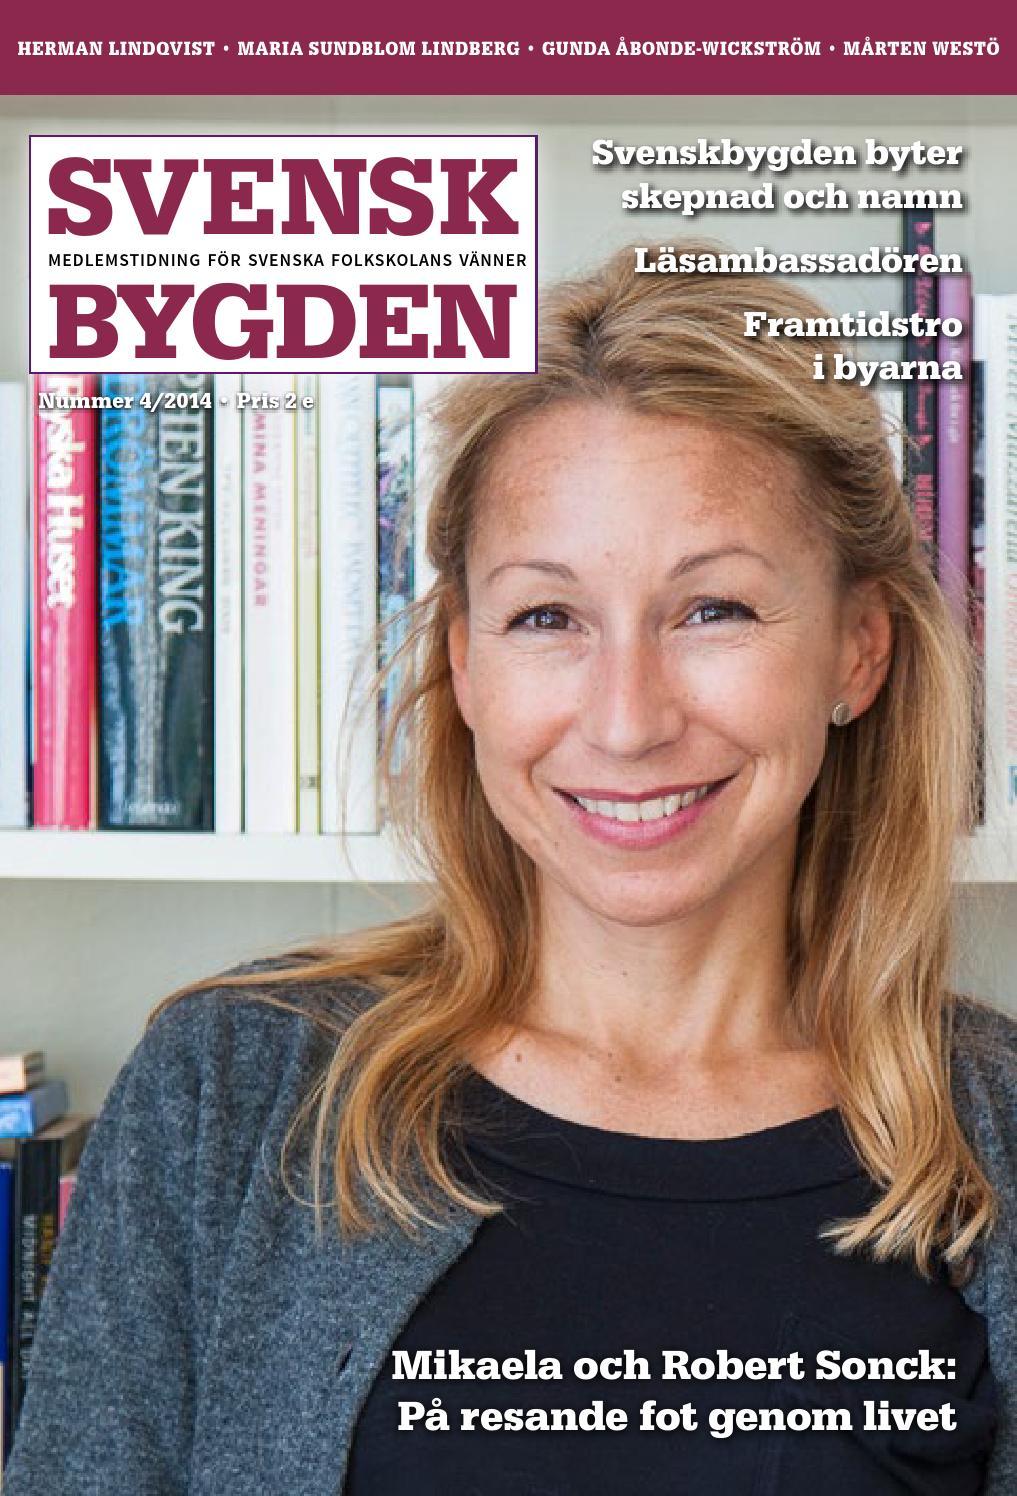 Svenskbygden 4 2014 by Svenska folkskolans vänner - issuu 22d2b7fb32646